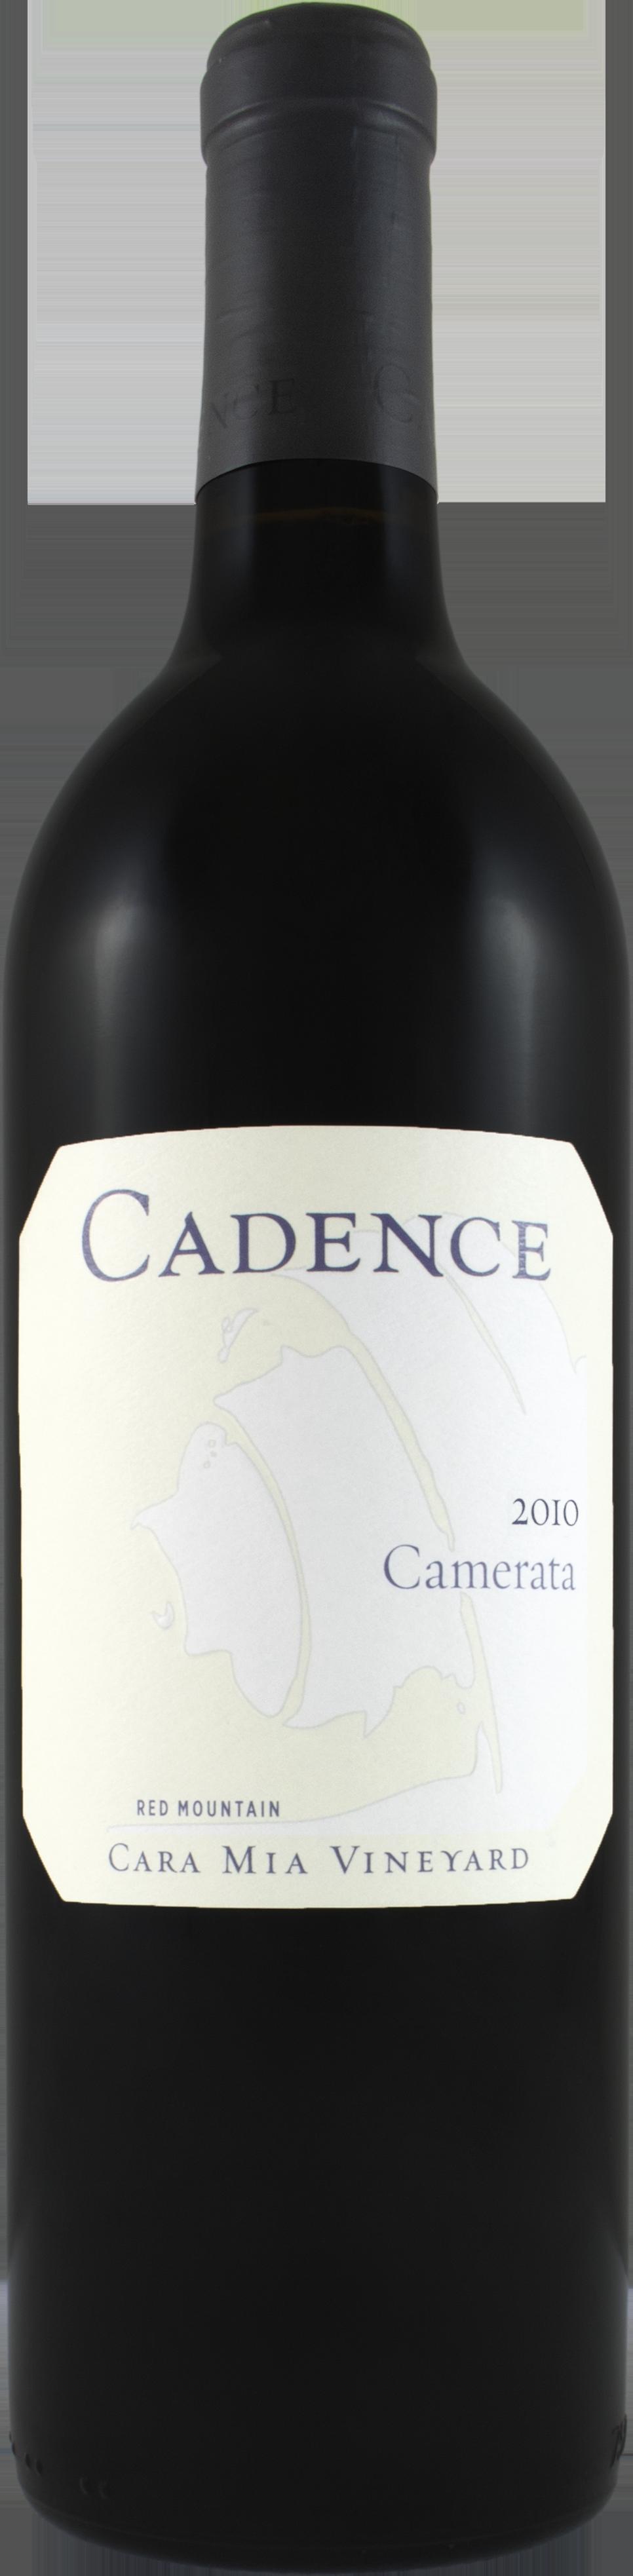 2010 Cadence Camerata Red Blend